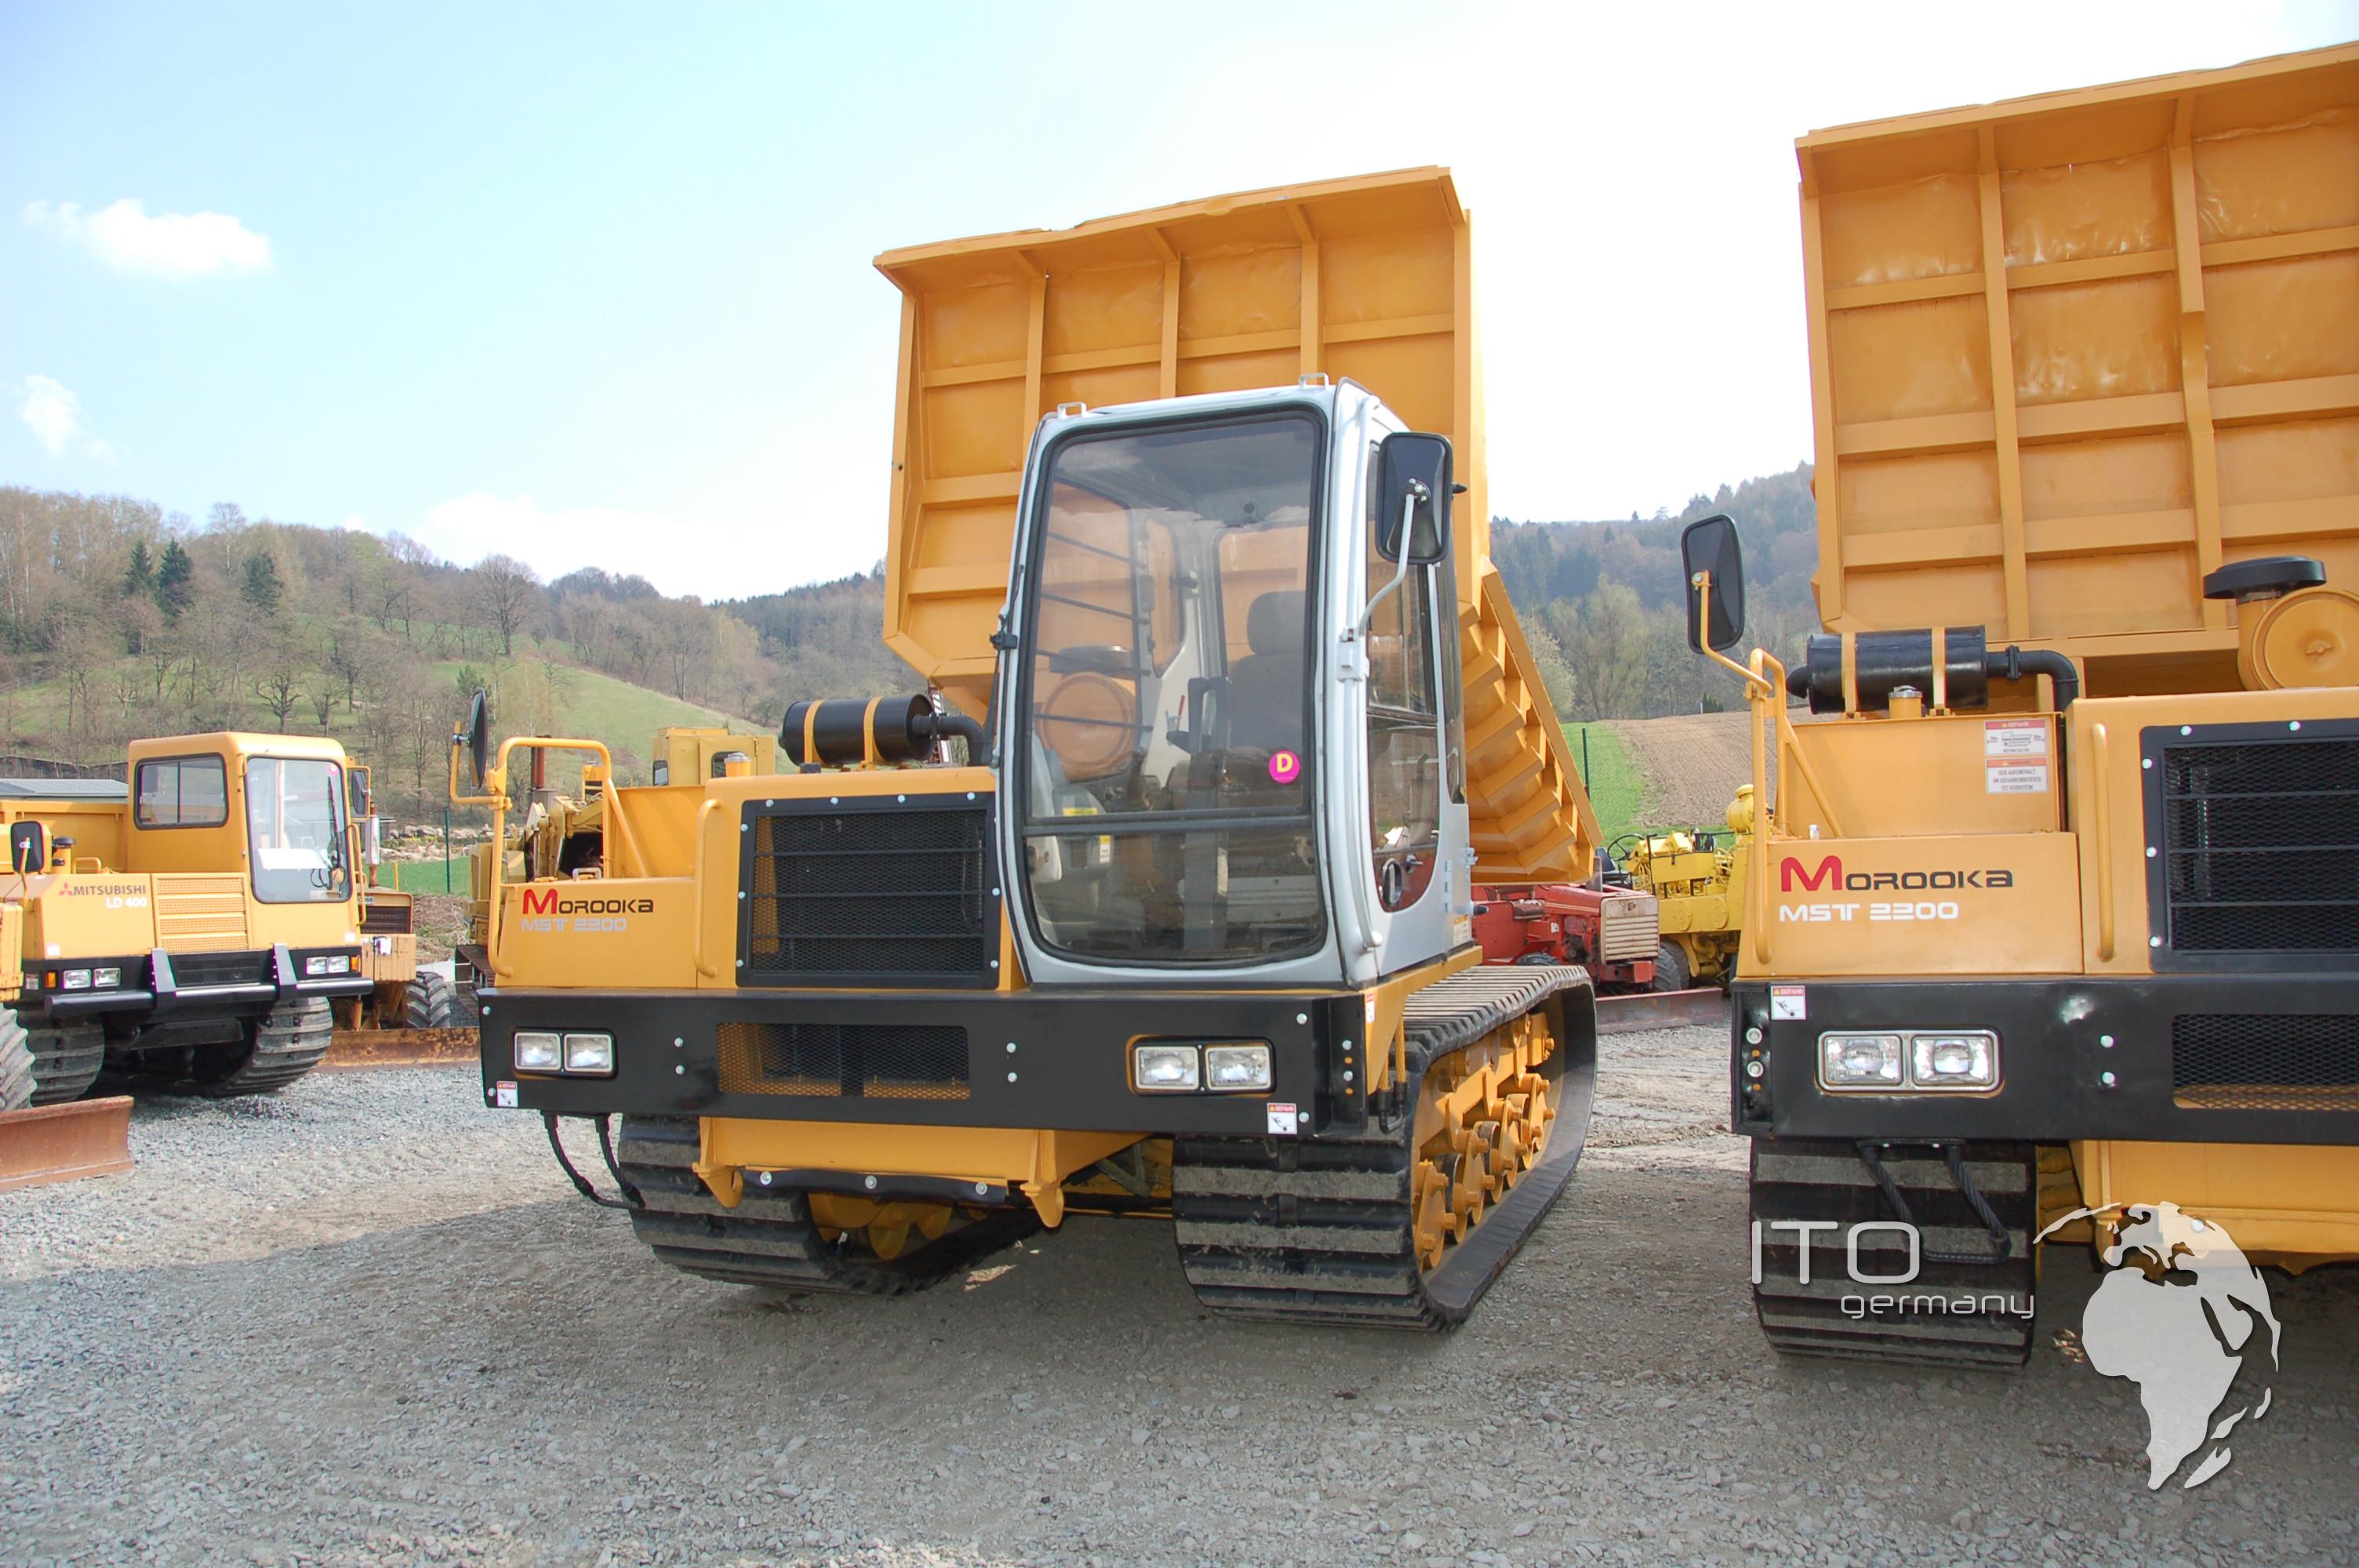 Gebrauchte Morooka MST2200 Vd aus Kettendumper mietpark